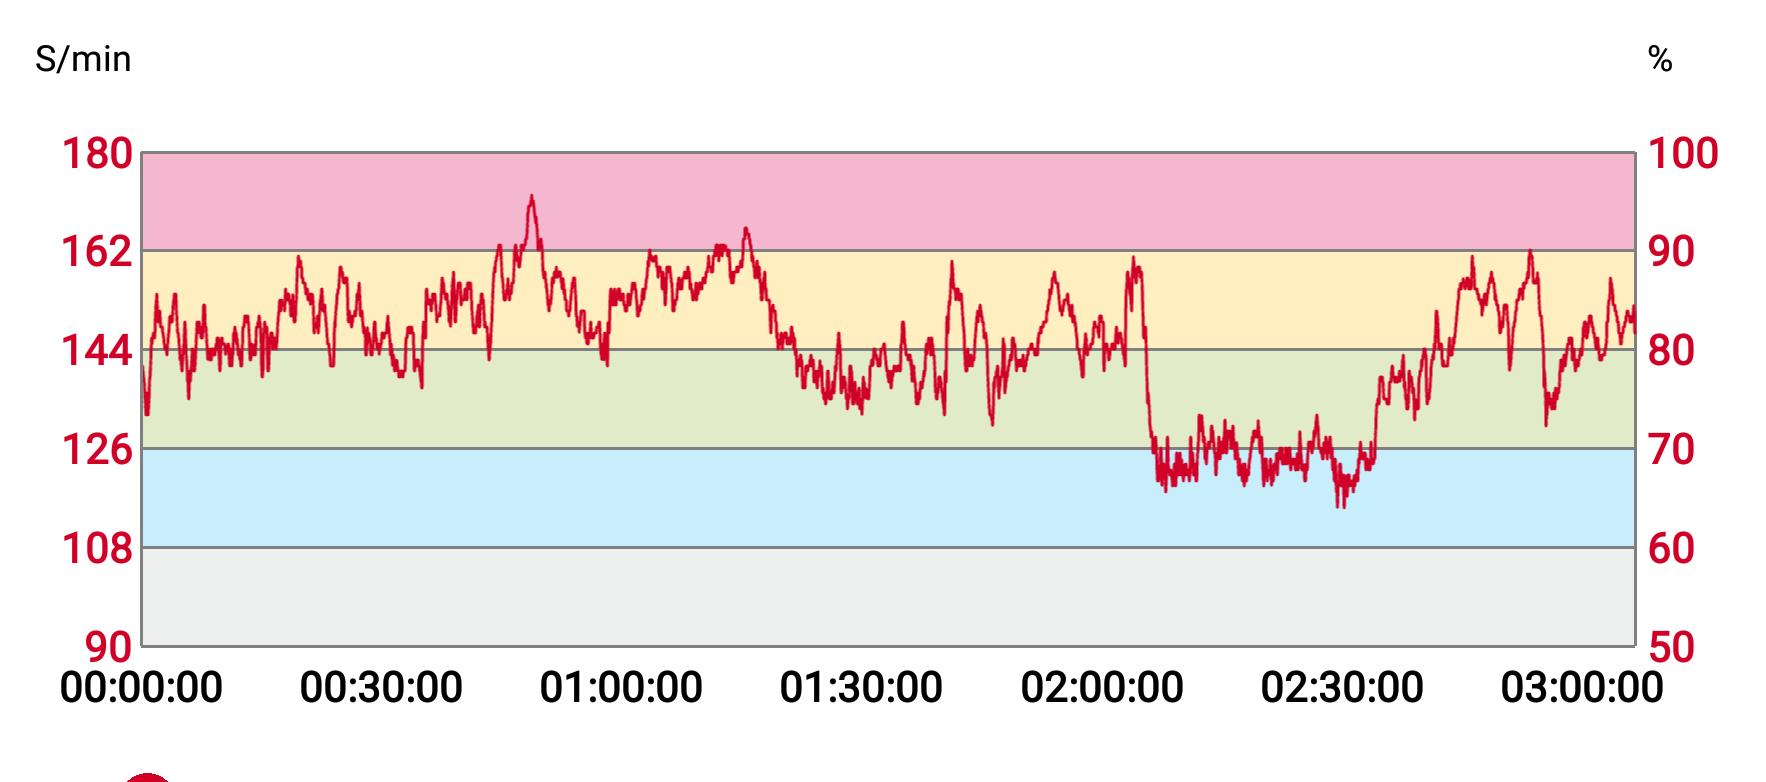 Camburg Herzfrequenzverlauf